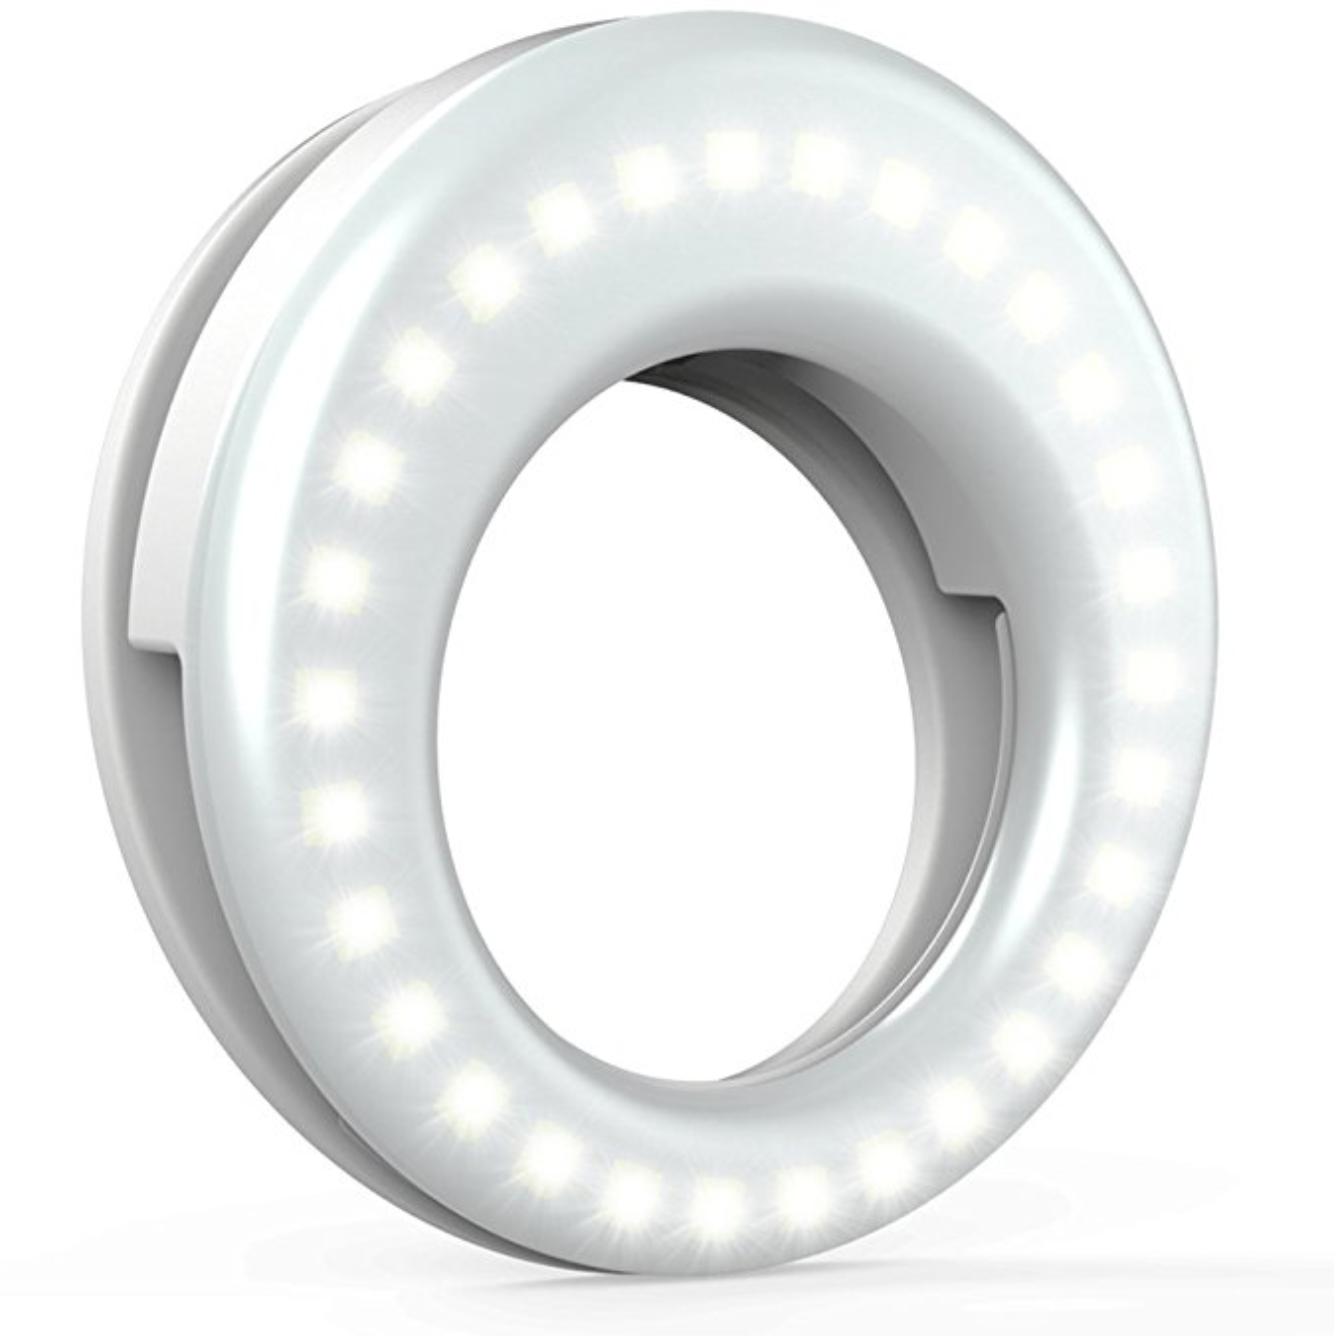 LED Ring Light for smartphone